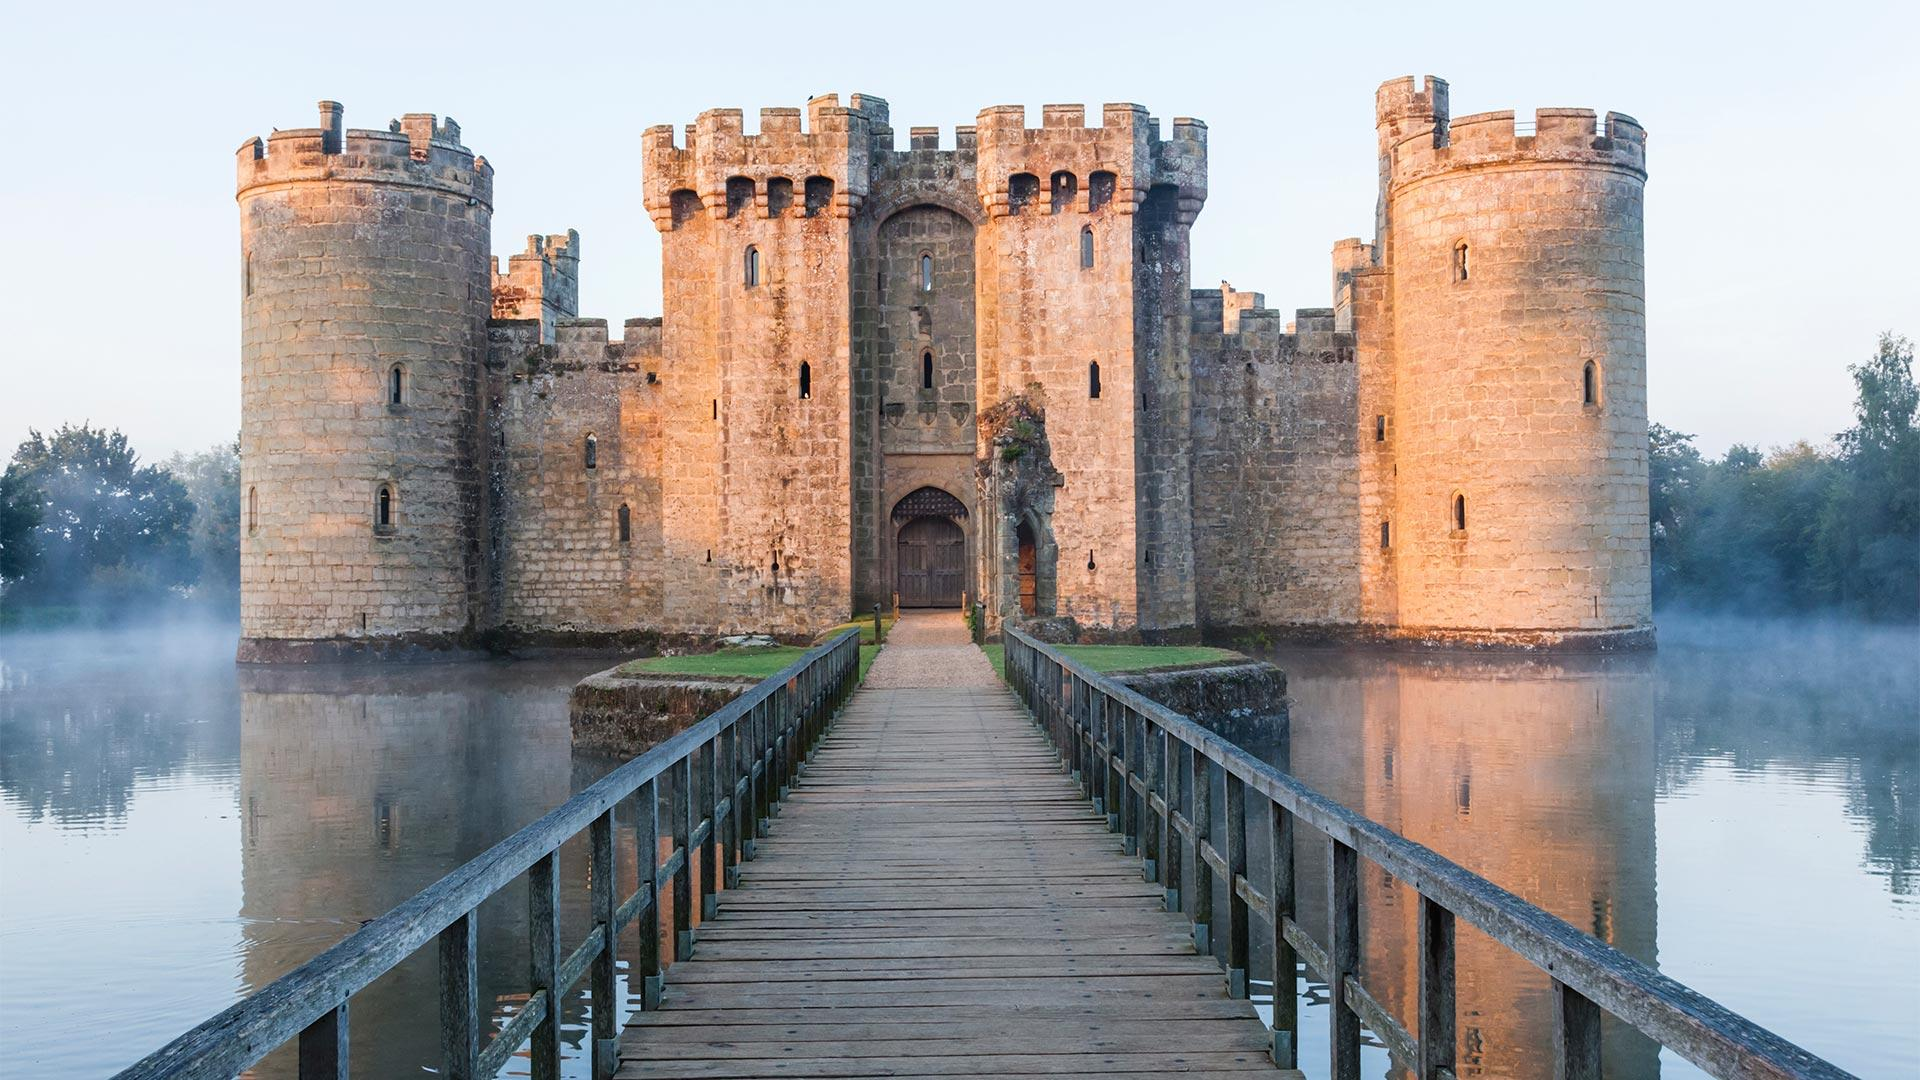 Bodiam Castle, Kent